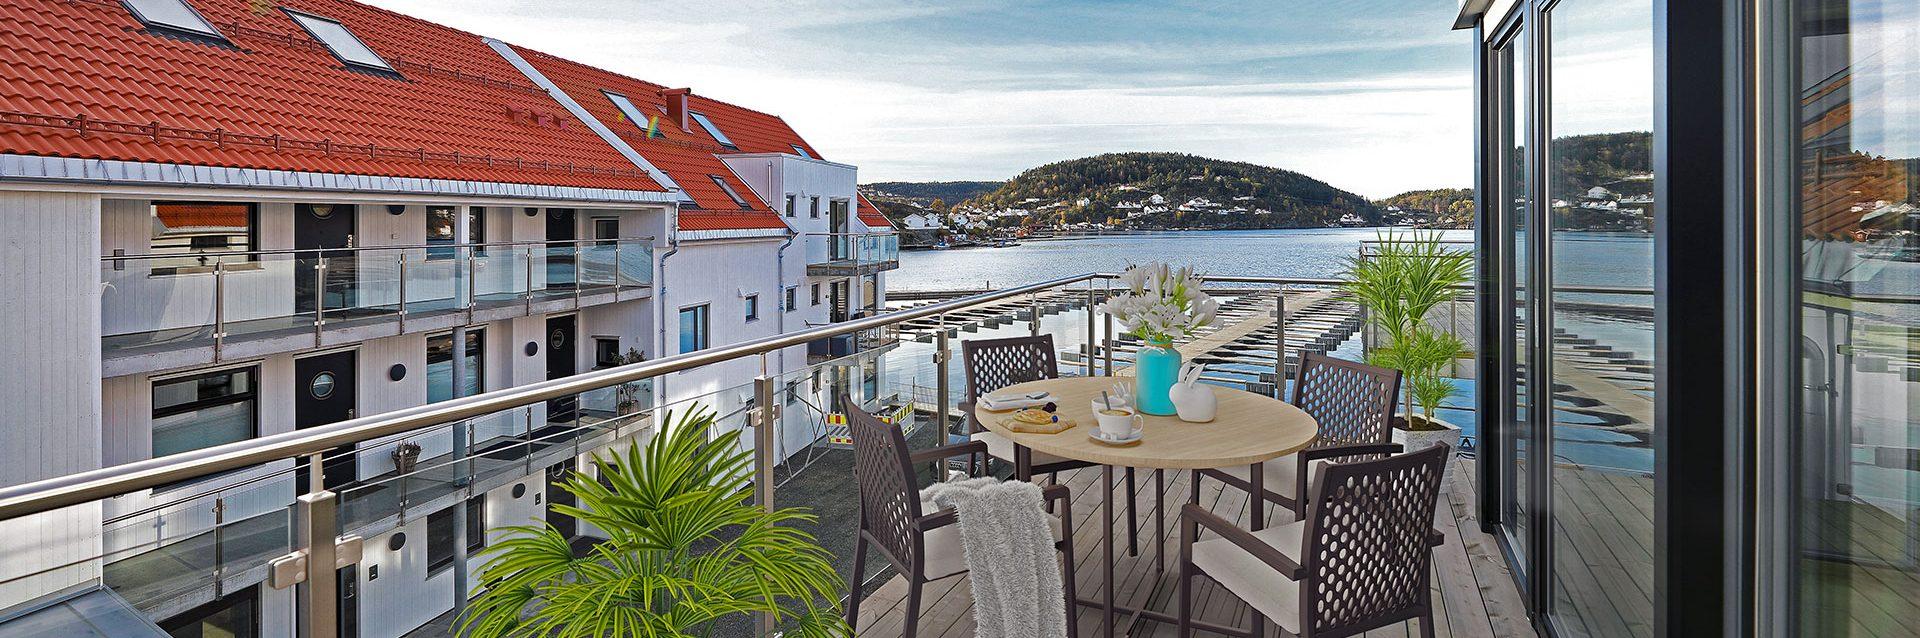 Skrubben Havn, Kragerø